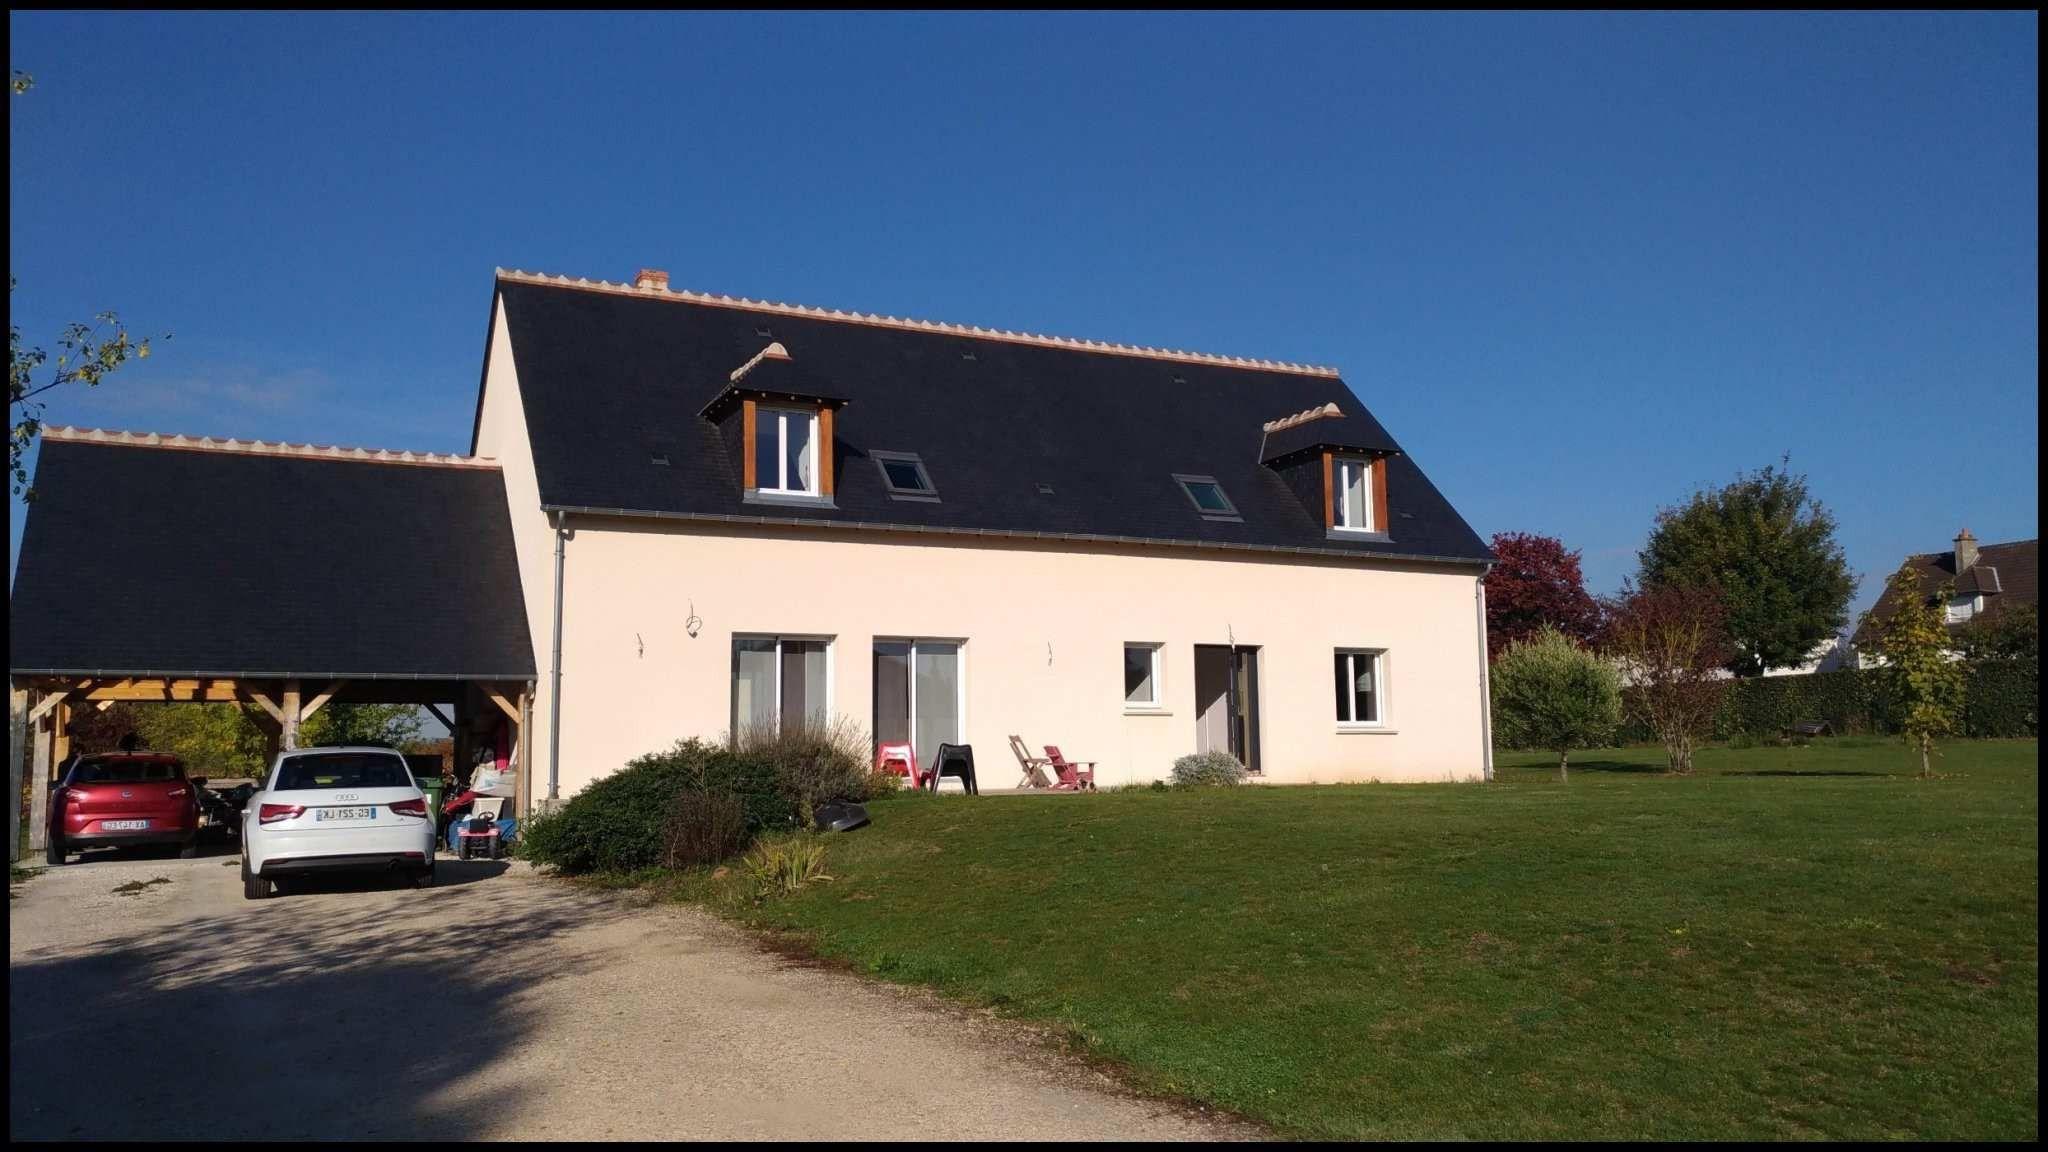 Luxury Le Bon Coin Immobilier Tours Le Bon Coin Immobilier Immobilier Les Bons Coins